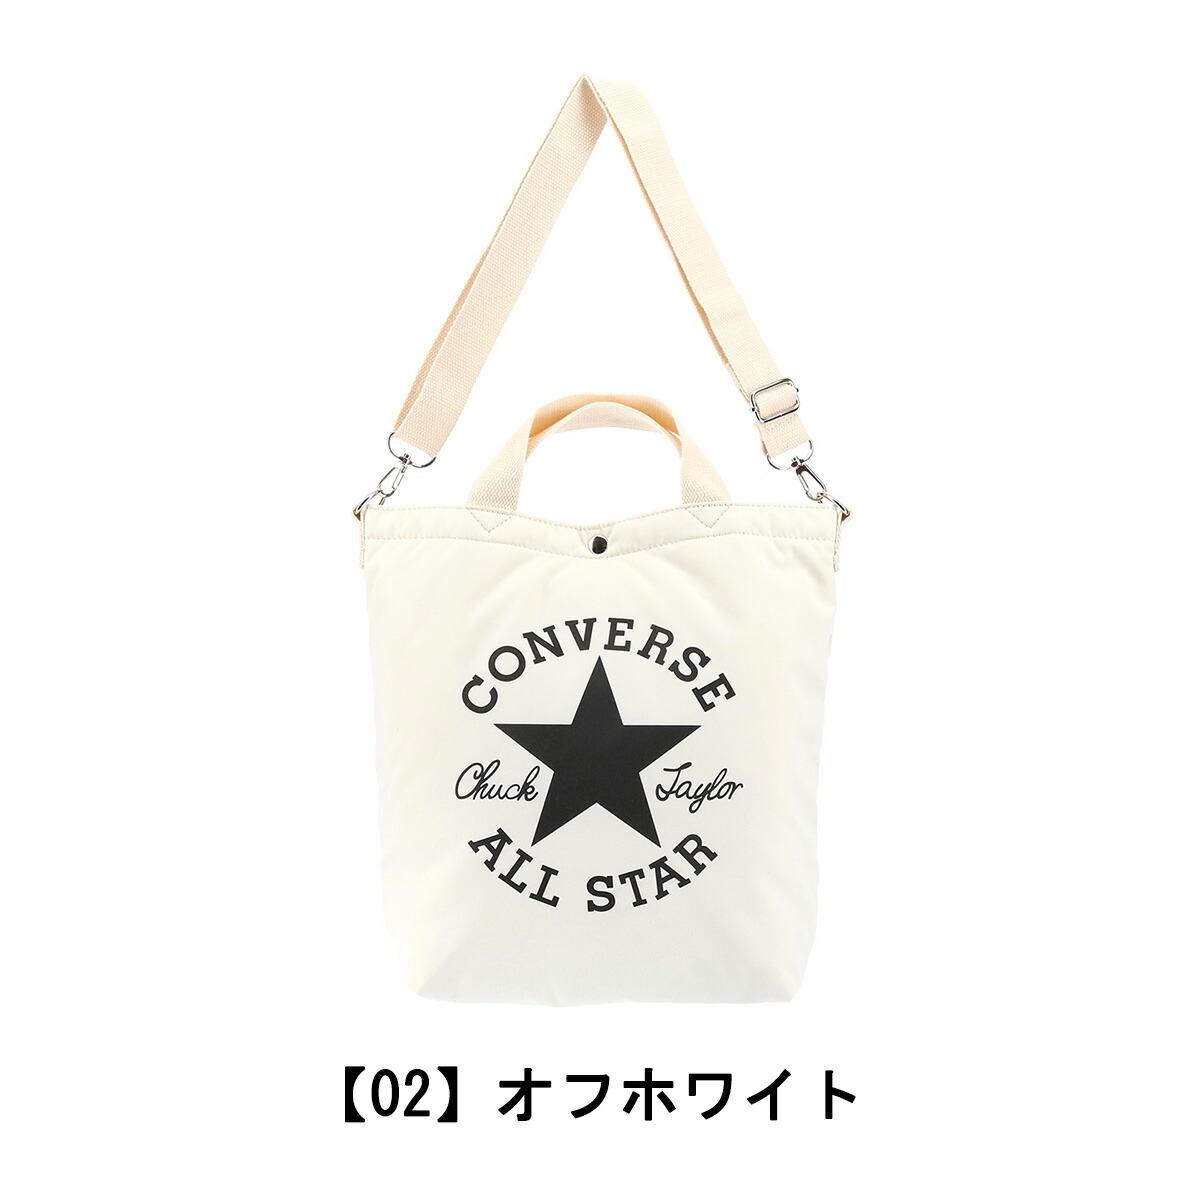 【02】オフホワイト